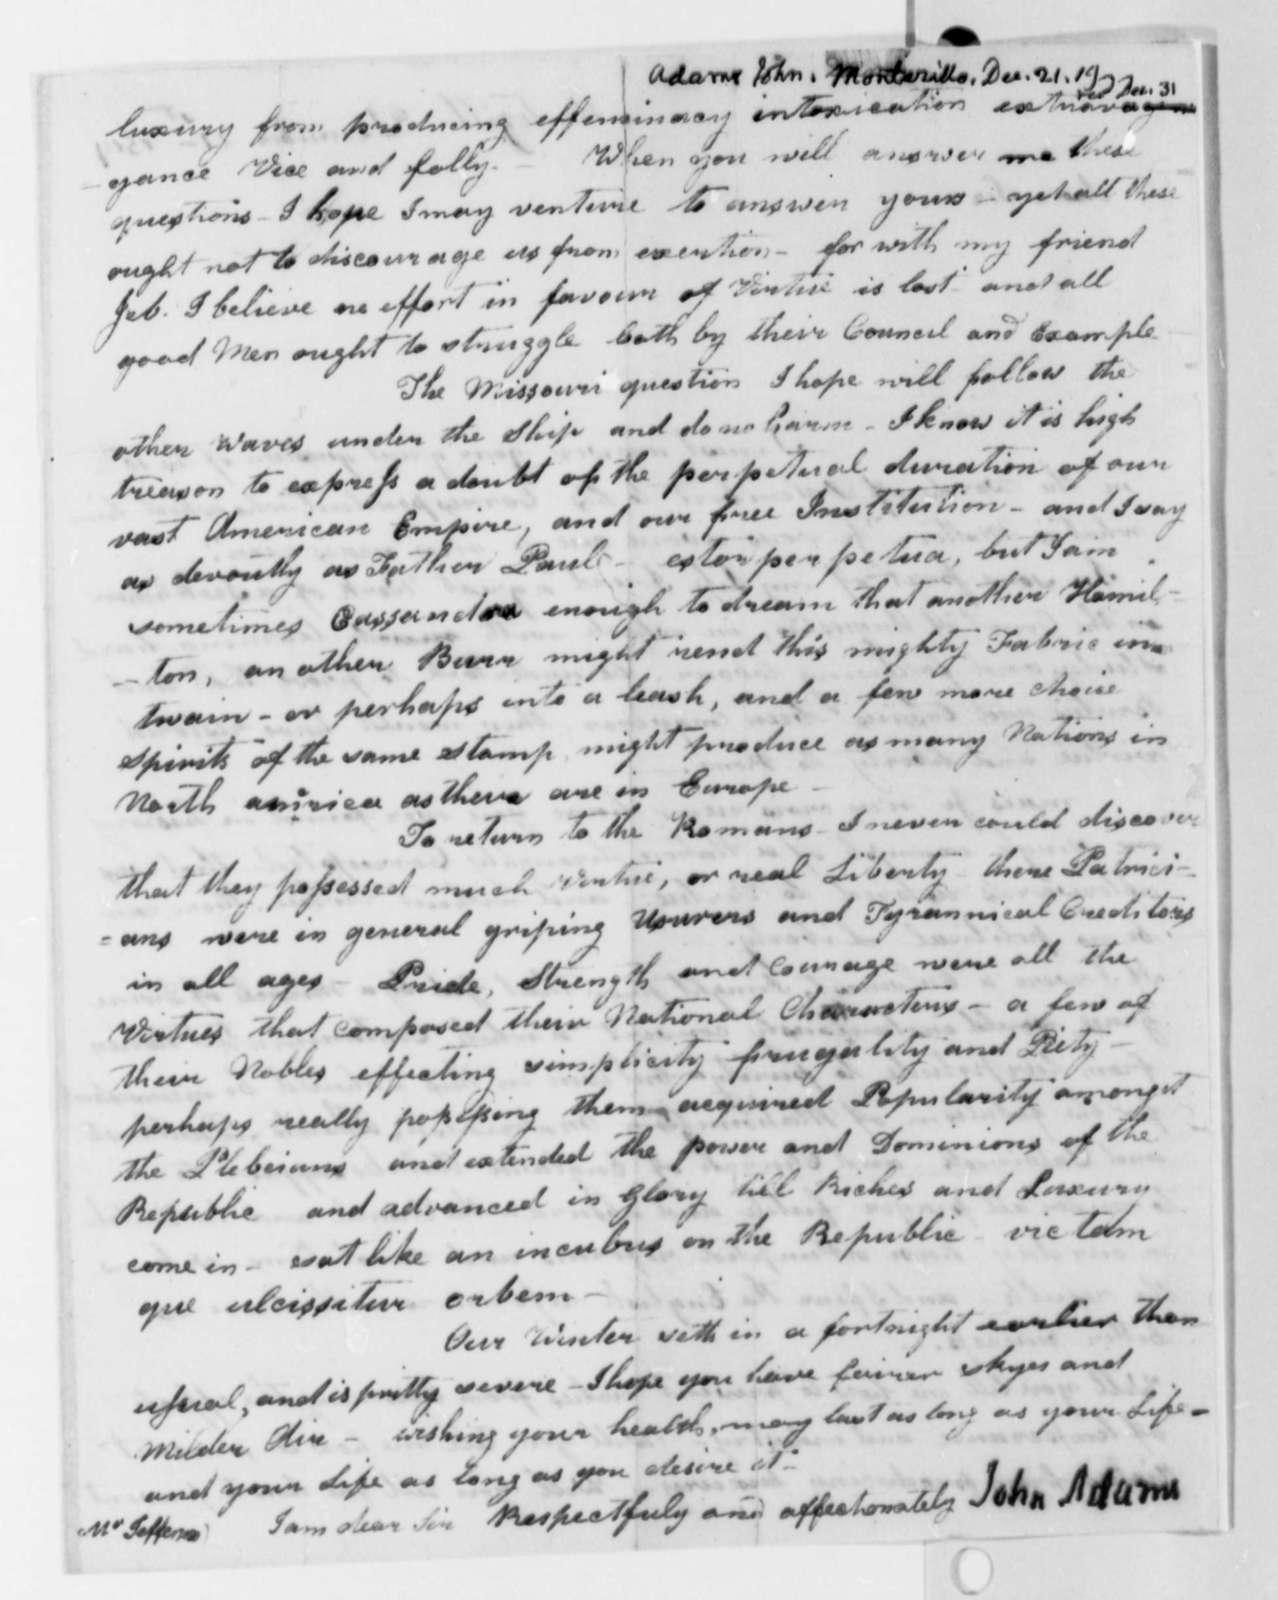 John Adams to Thomas Jefferson, December 21, 1819